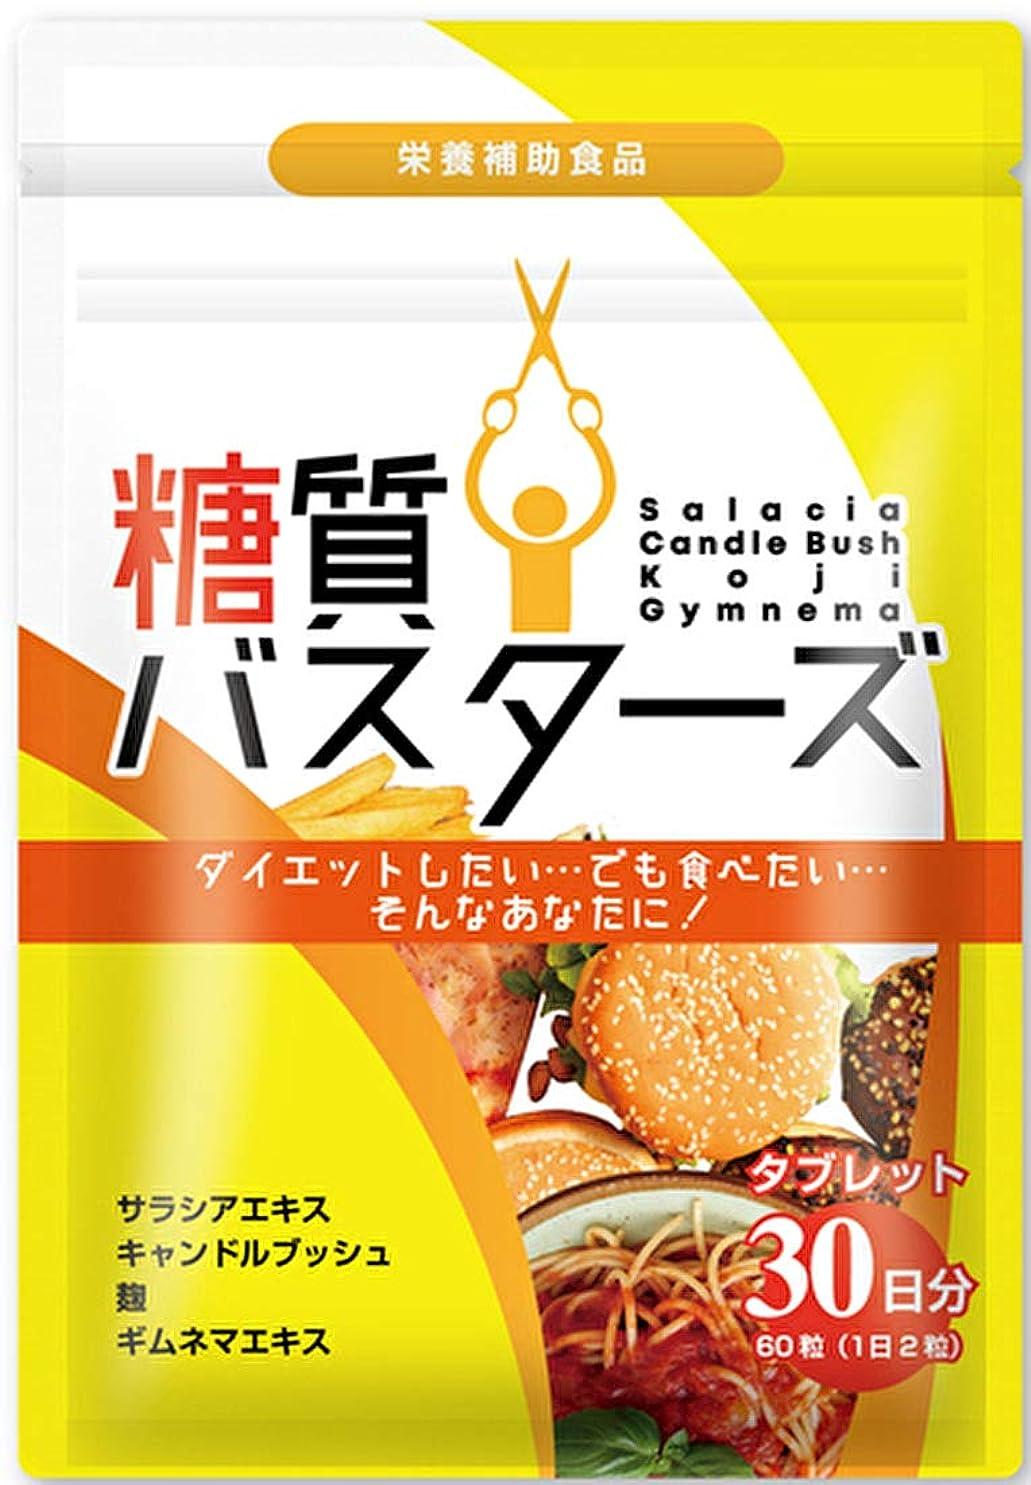 かなり筋肉のキッチン糖質バスターズ (30日分) 糖質オフ 糖質カット 糖質制限 ダイエット 糖質 サラシア サプリ